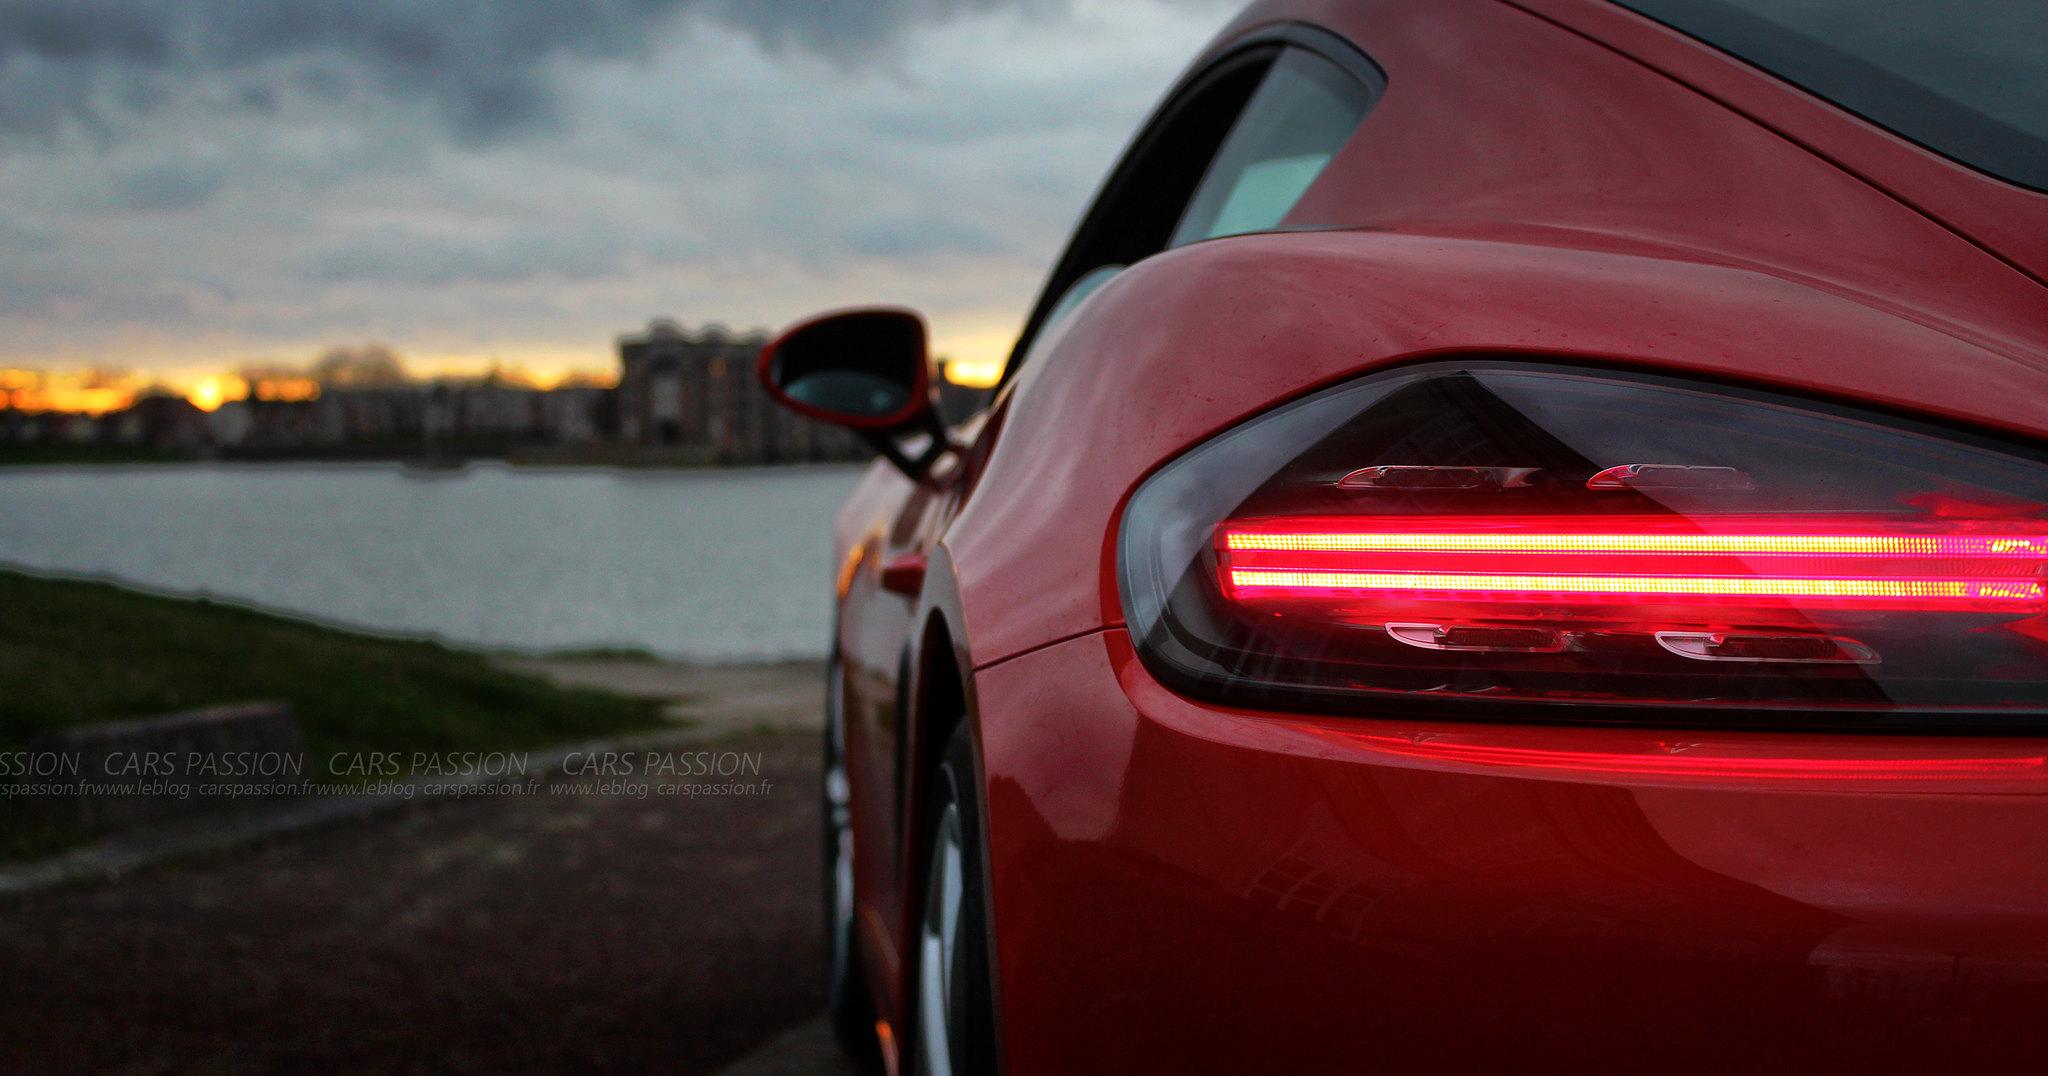 Essai-Porsche-718-Cayman-S-2017 (18)